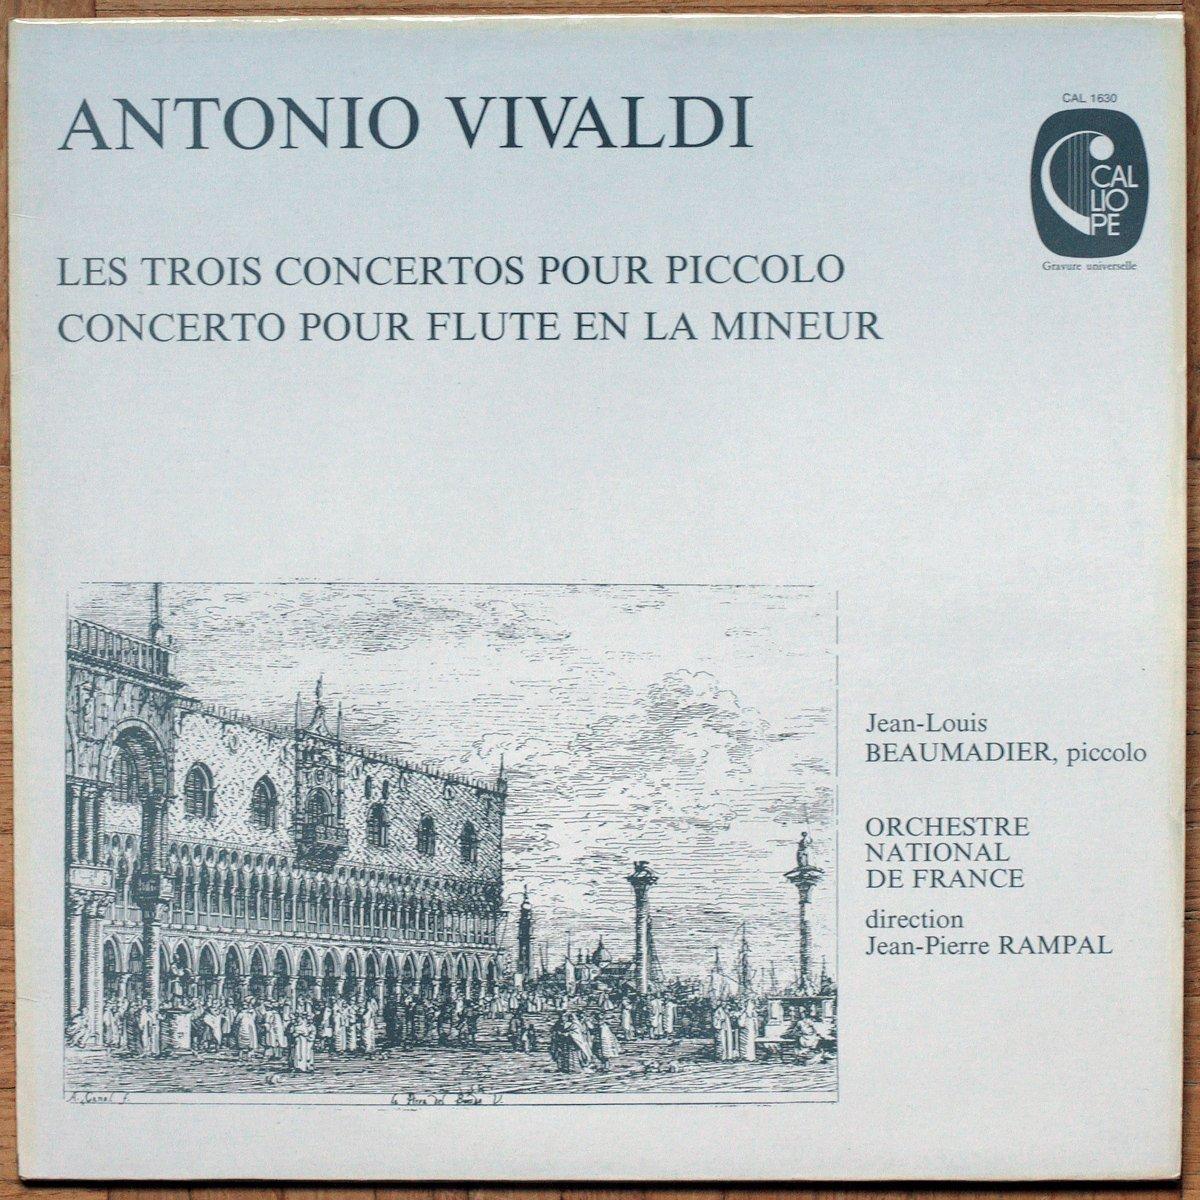 Vivaldi • Les concertos pour piccolo • Concerto pour flûte • Calliope 1630 • Jean-Louis Beaumadier • Orchestre National de France • Jean-Pierre Rampal